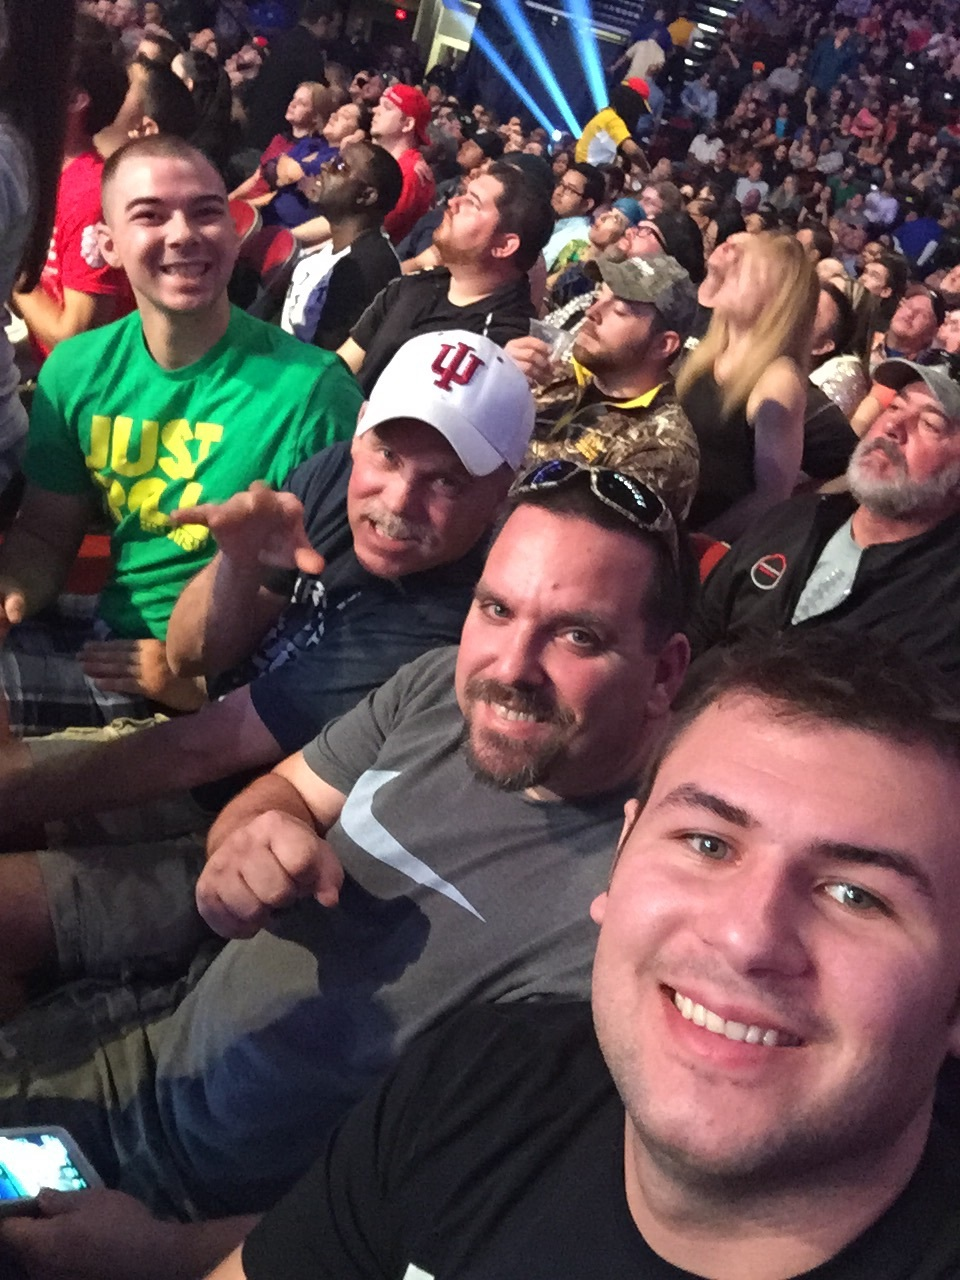 Robert, Dave, josh and I